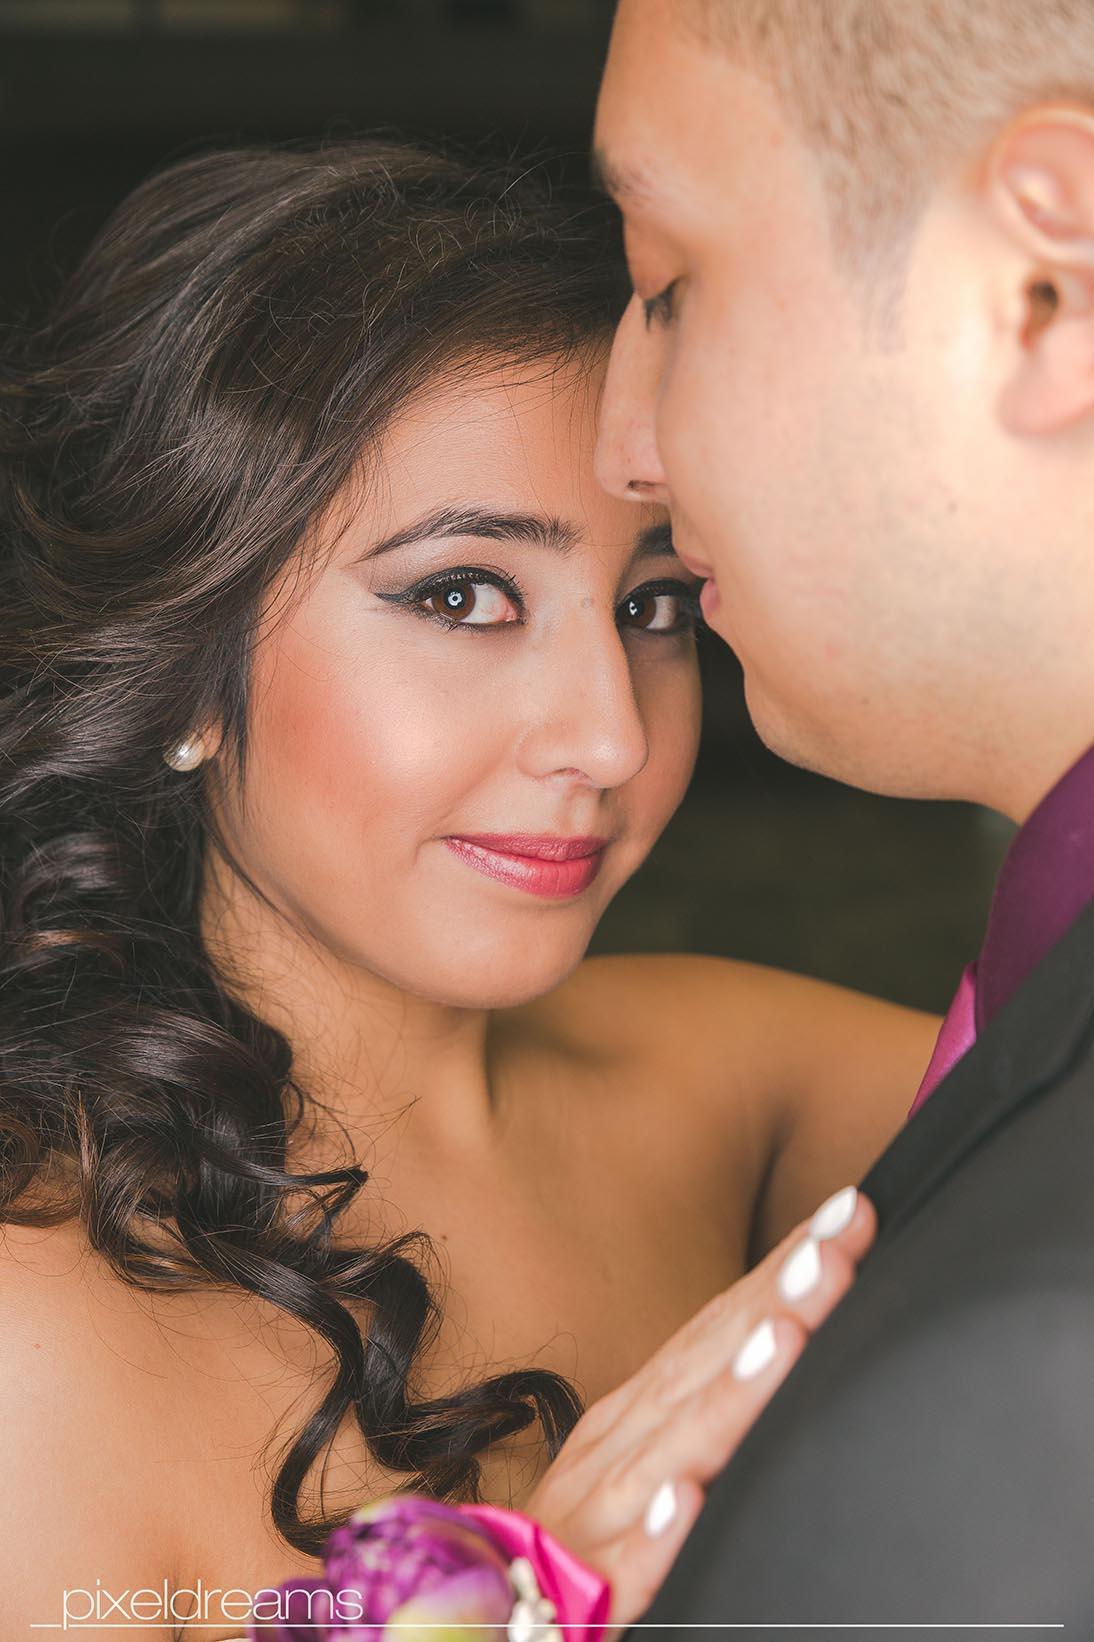 hochzeitsfotos - Braut seitliches Portrait-lächelt